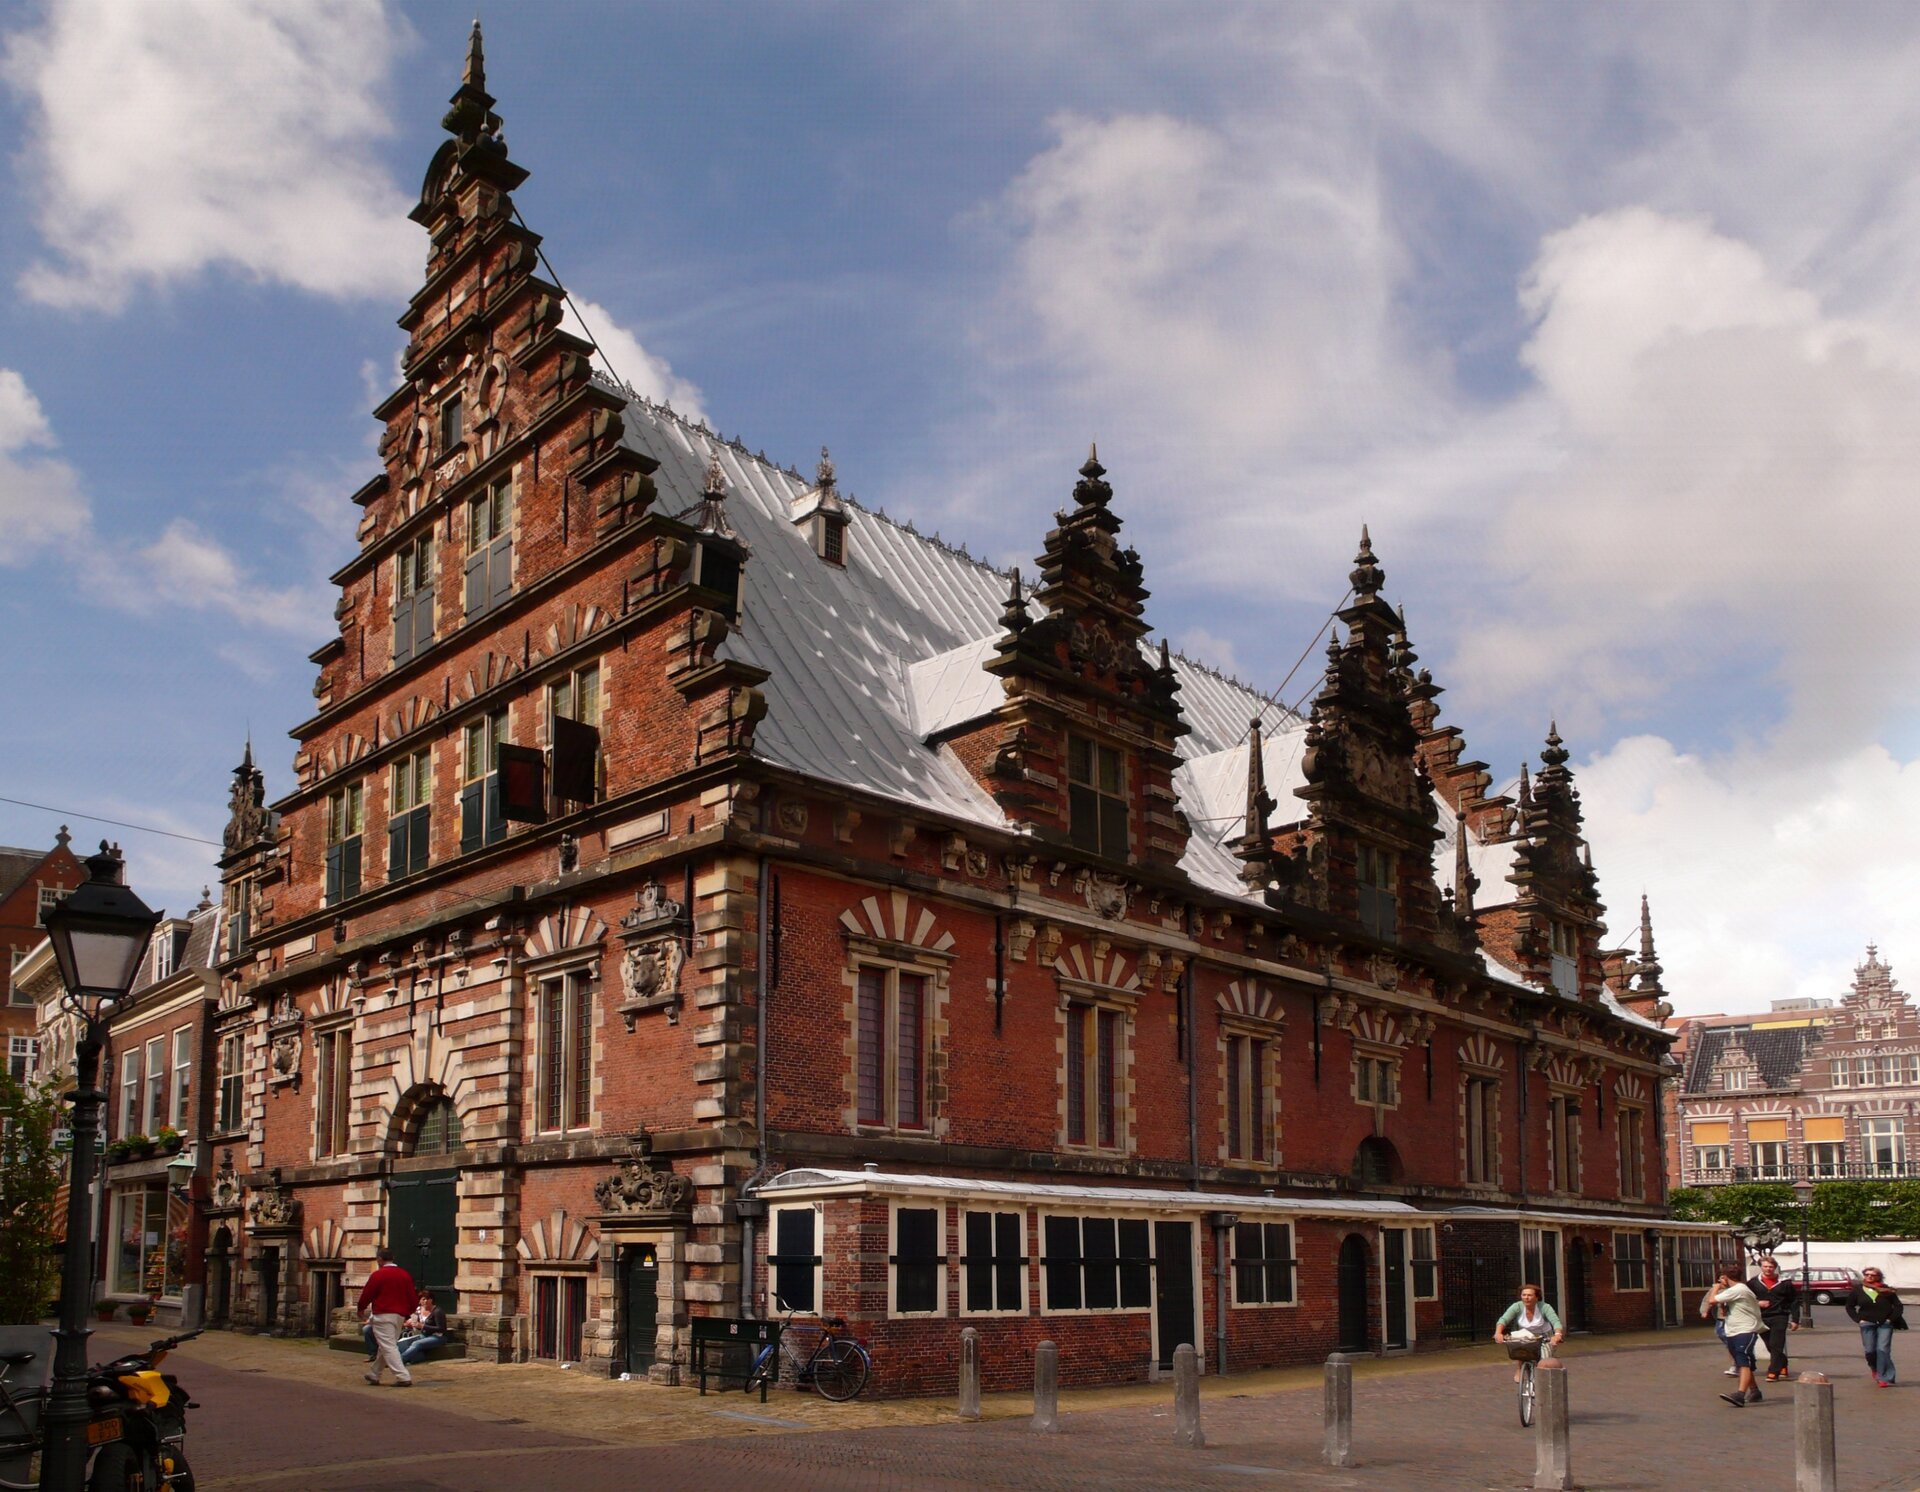 Haarlem – hala targowa (ławy rzeźnicze – jatki) – wybudowana na wielkim Rynku wHaarlemie wlatach 1602-1603.Jestto północna odmiana architektury renesansowej. Zwróć uwagę na materiał, jakim się posłużono do budowy ścian idetalu wykończeniowego; potem na okna, ich akcentowanie, kształt oraz rozmieszczenie, wreszcie na szczyt budynku ijego ozdoby. Haarlem – hala targowa (ławy rzeźnicze – jatki) – wybudowana na wielkim Rynku wHaarlemie wlatach 1602-1603.Jestto północna odmiana architektury renesansowej. Zwróć uwagę na materiał, jakim się posłużono do budowy ścian idetalu wykończeniowego; potem na okna, ich akcentowanie, kształt oraz rozmieszczenie, wreszcie na szczyt budynku ijego ozdoby. Źródło: Welleschik, Wikimedia Commons, licencja: CC BY-SA 3.0.